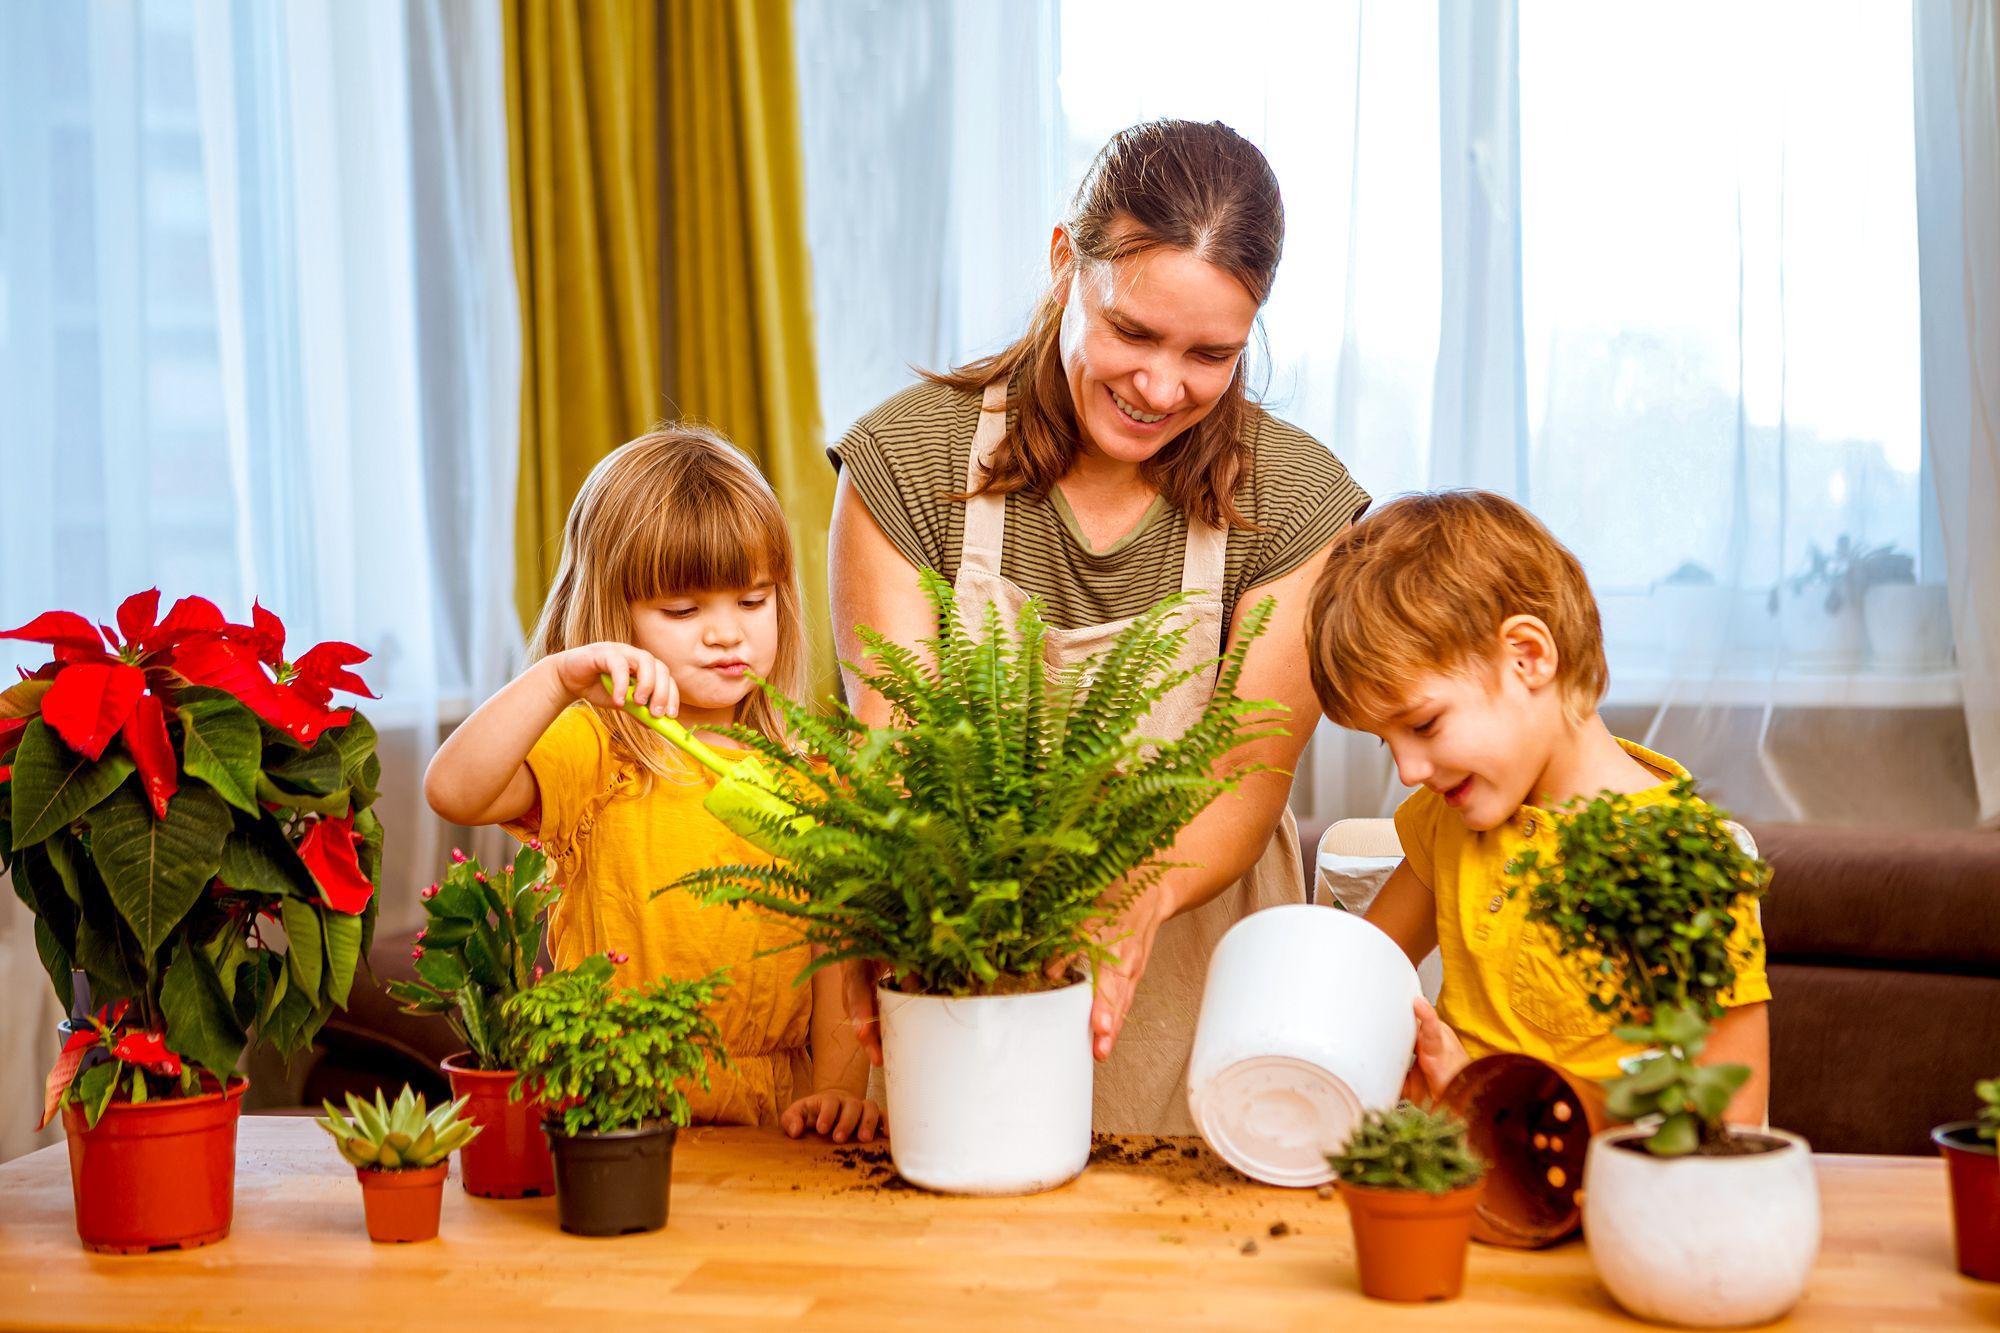 Educational Indoor Activities Family Gardening